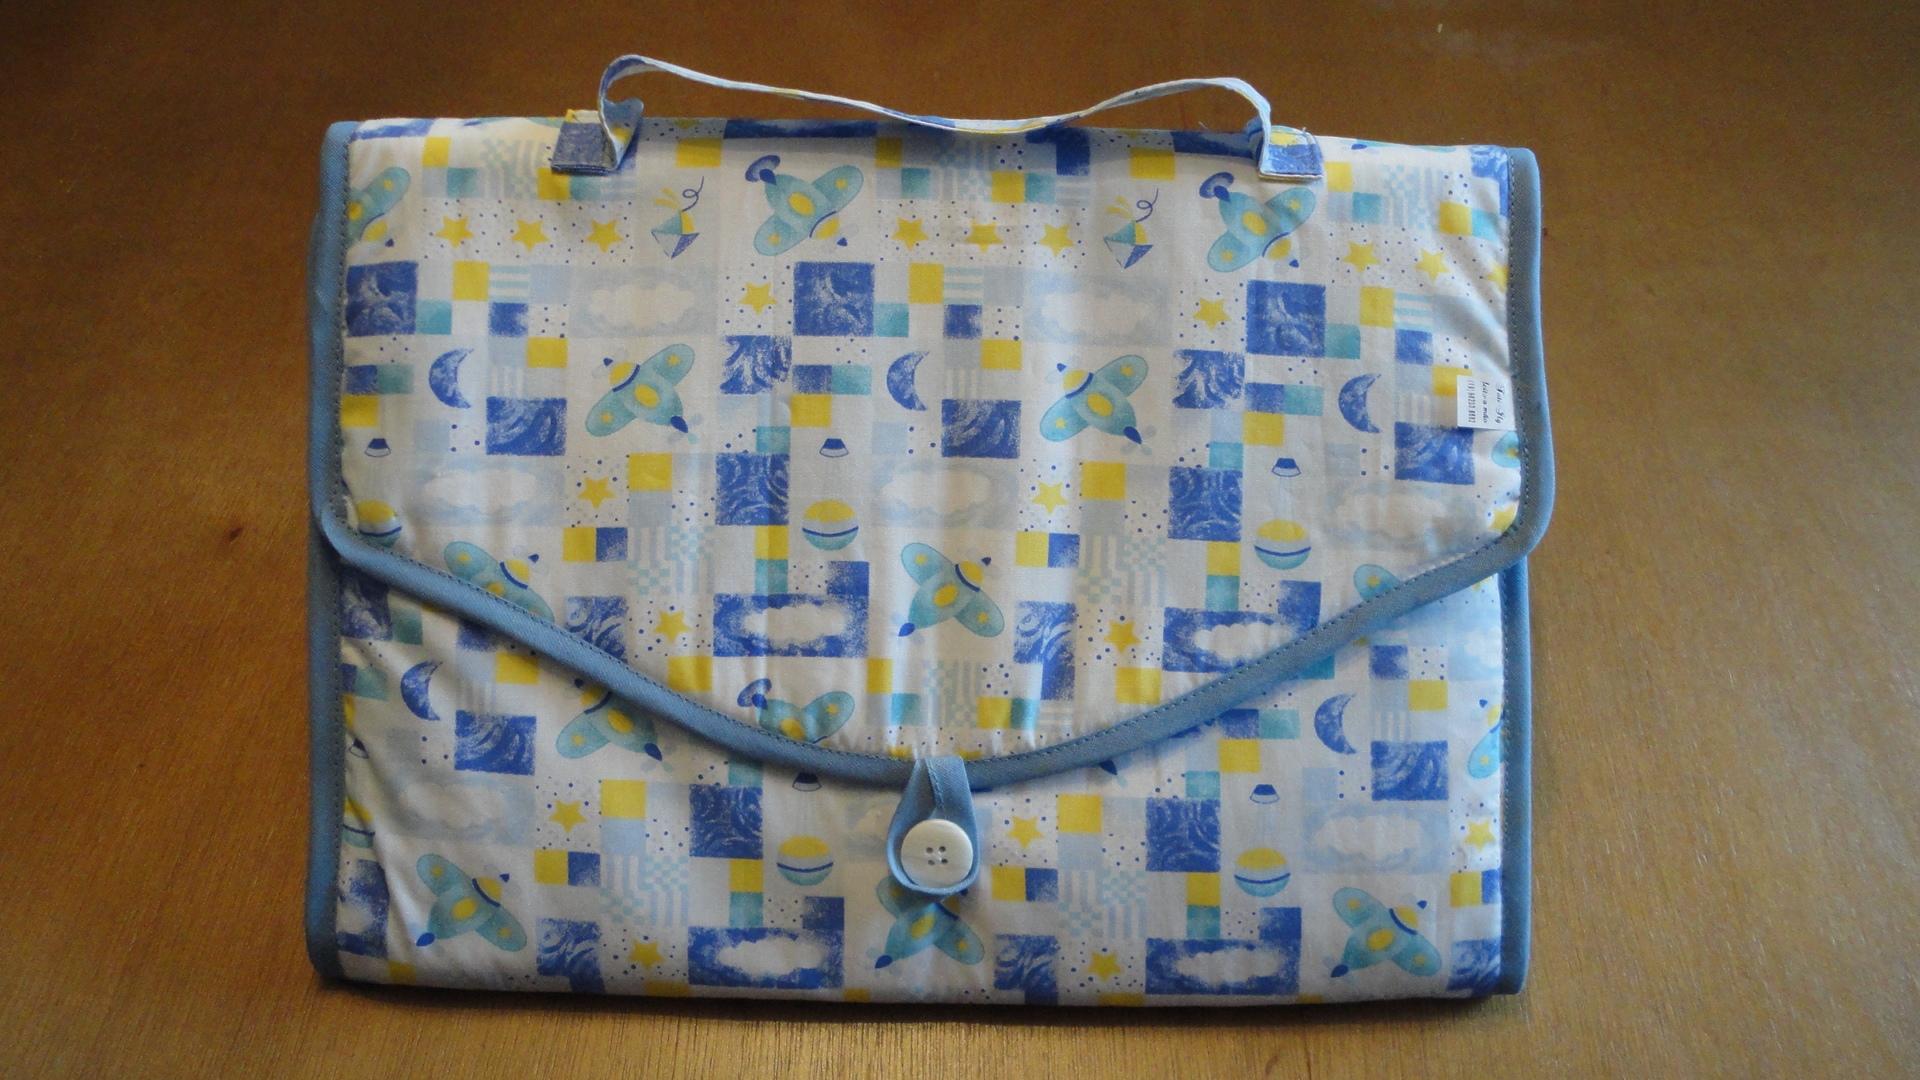 Bolsa De Mão No Avião : Bolsa trocador de fraldas menino avi?o tati ilg feito